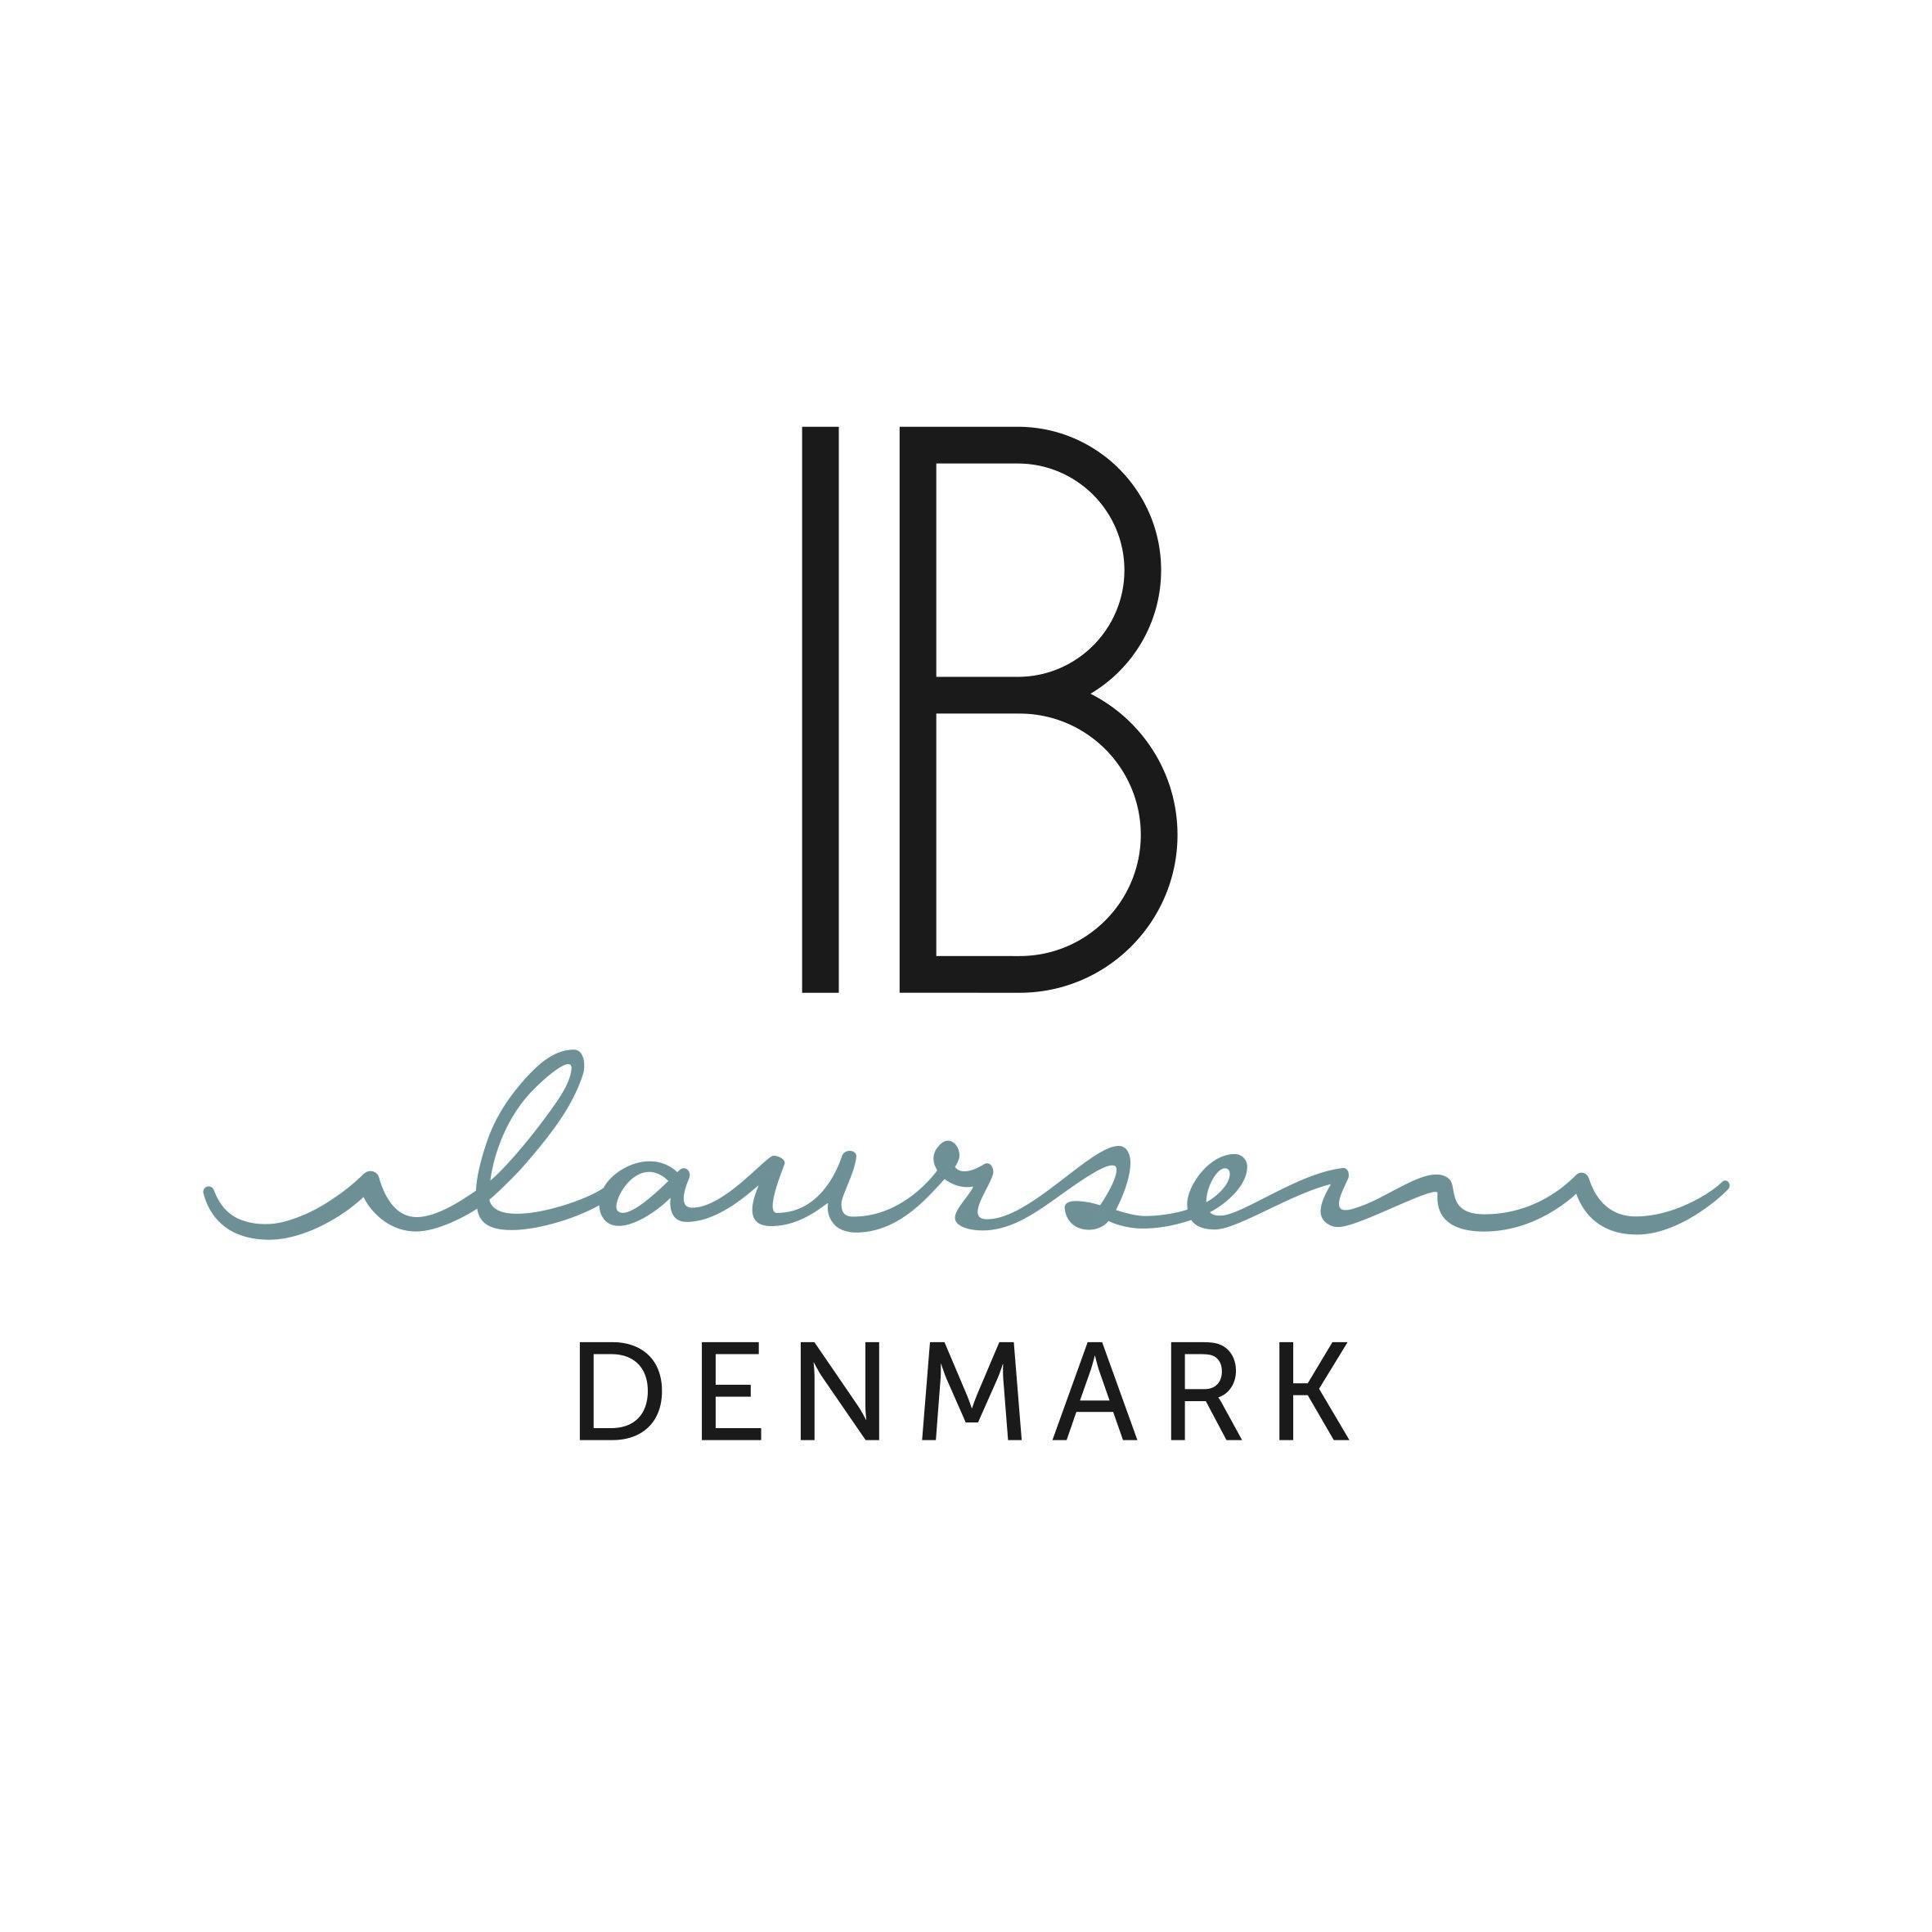 ibl-denmark